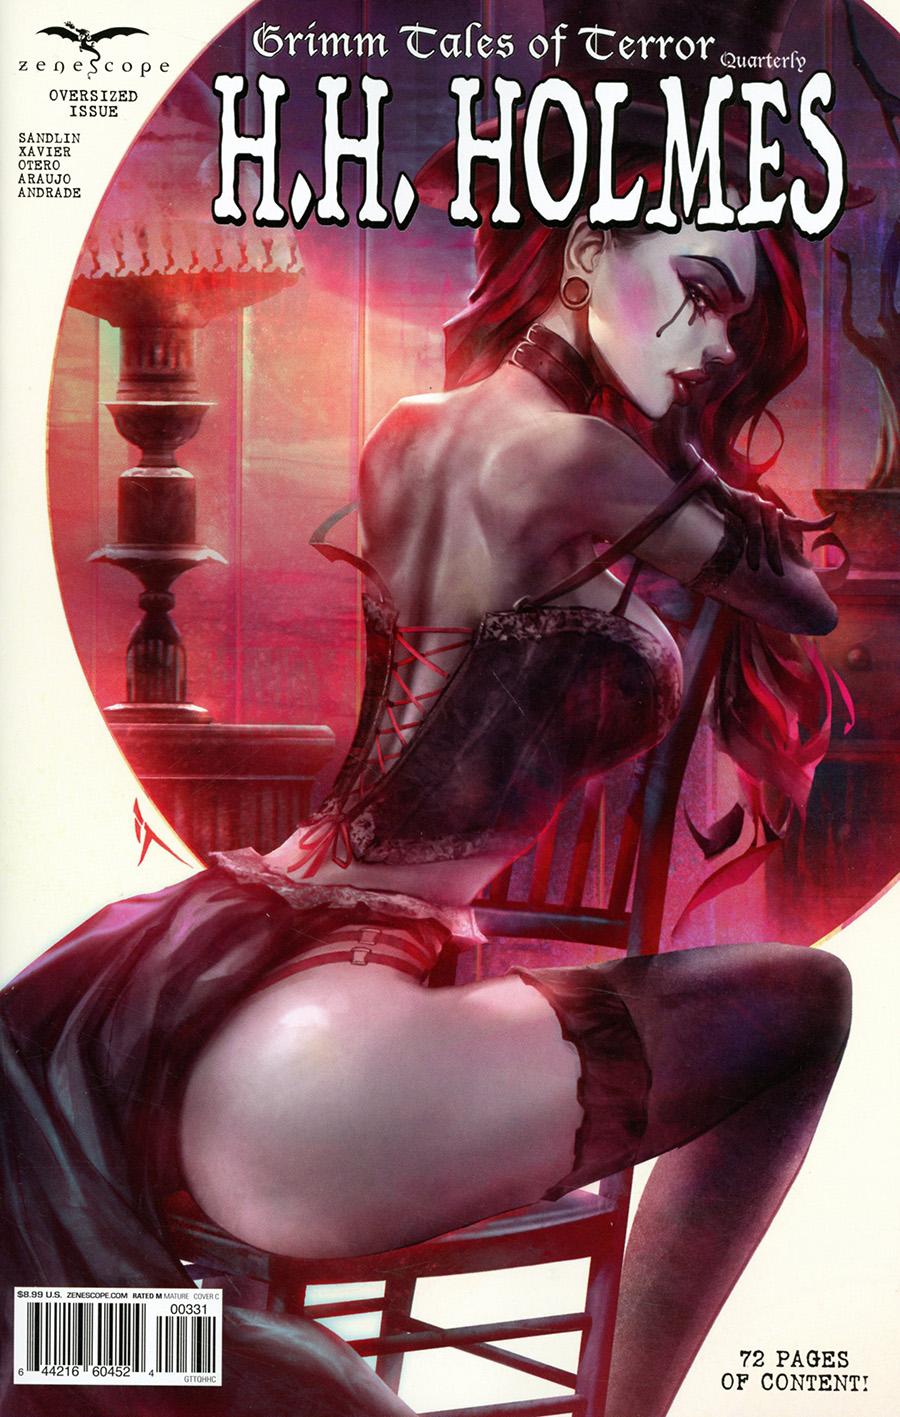 Grimm Fairy Tales Presents Grimm Tales Of Terror Quarterly #3 HH Holmes Cover C Ivan Tao